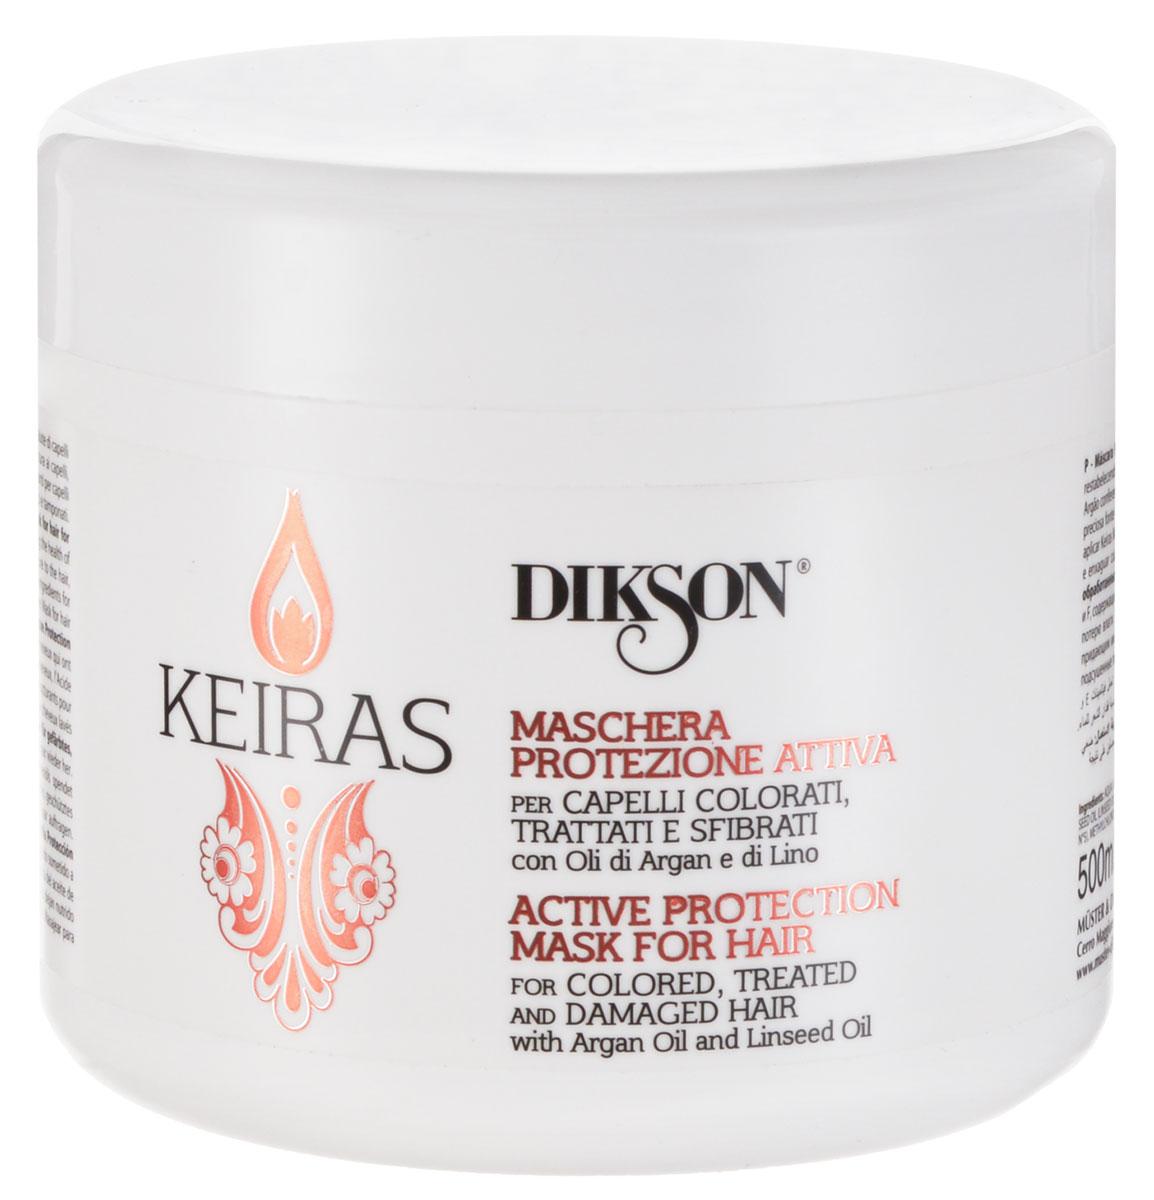 Dikson Маска «Активная защита» для окрашенных волос Keiras Maschera Protezione Attiva 500 мл1516Маска мгновенного действия для окрашенных и поврежденных волос. Укрепляет, не утяжеляя структуру волос, содержит комплекс anti-age. Масло Арганы увлажняет волосы, делая их более эластичными. Льняное масло питает, придает объем и способствует укреплению корней.